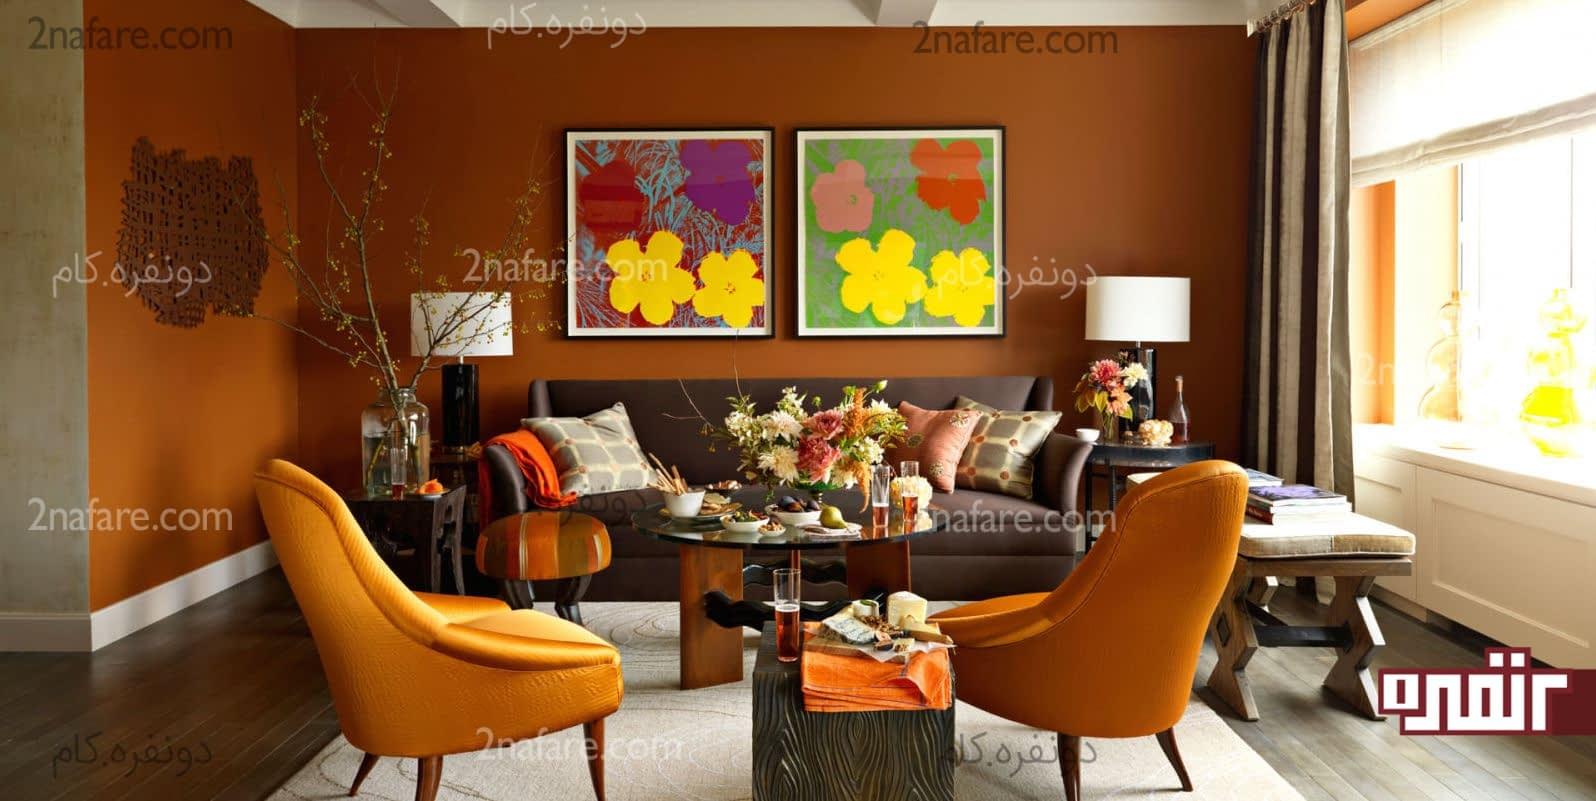 دکوراسیون پاییزی با رنگ نارنجی دونفره